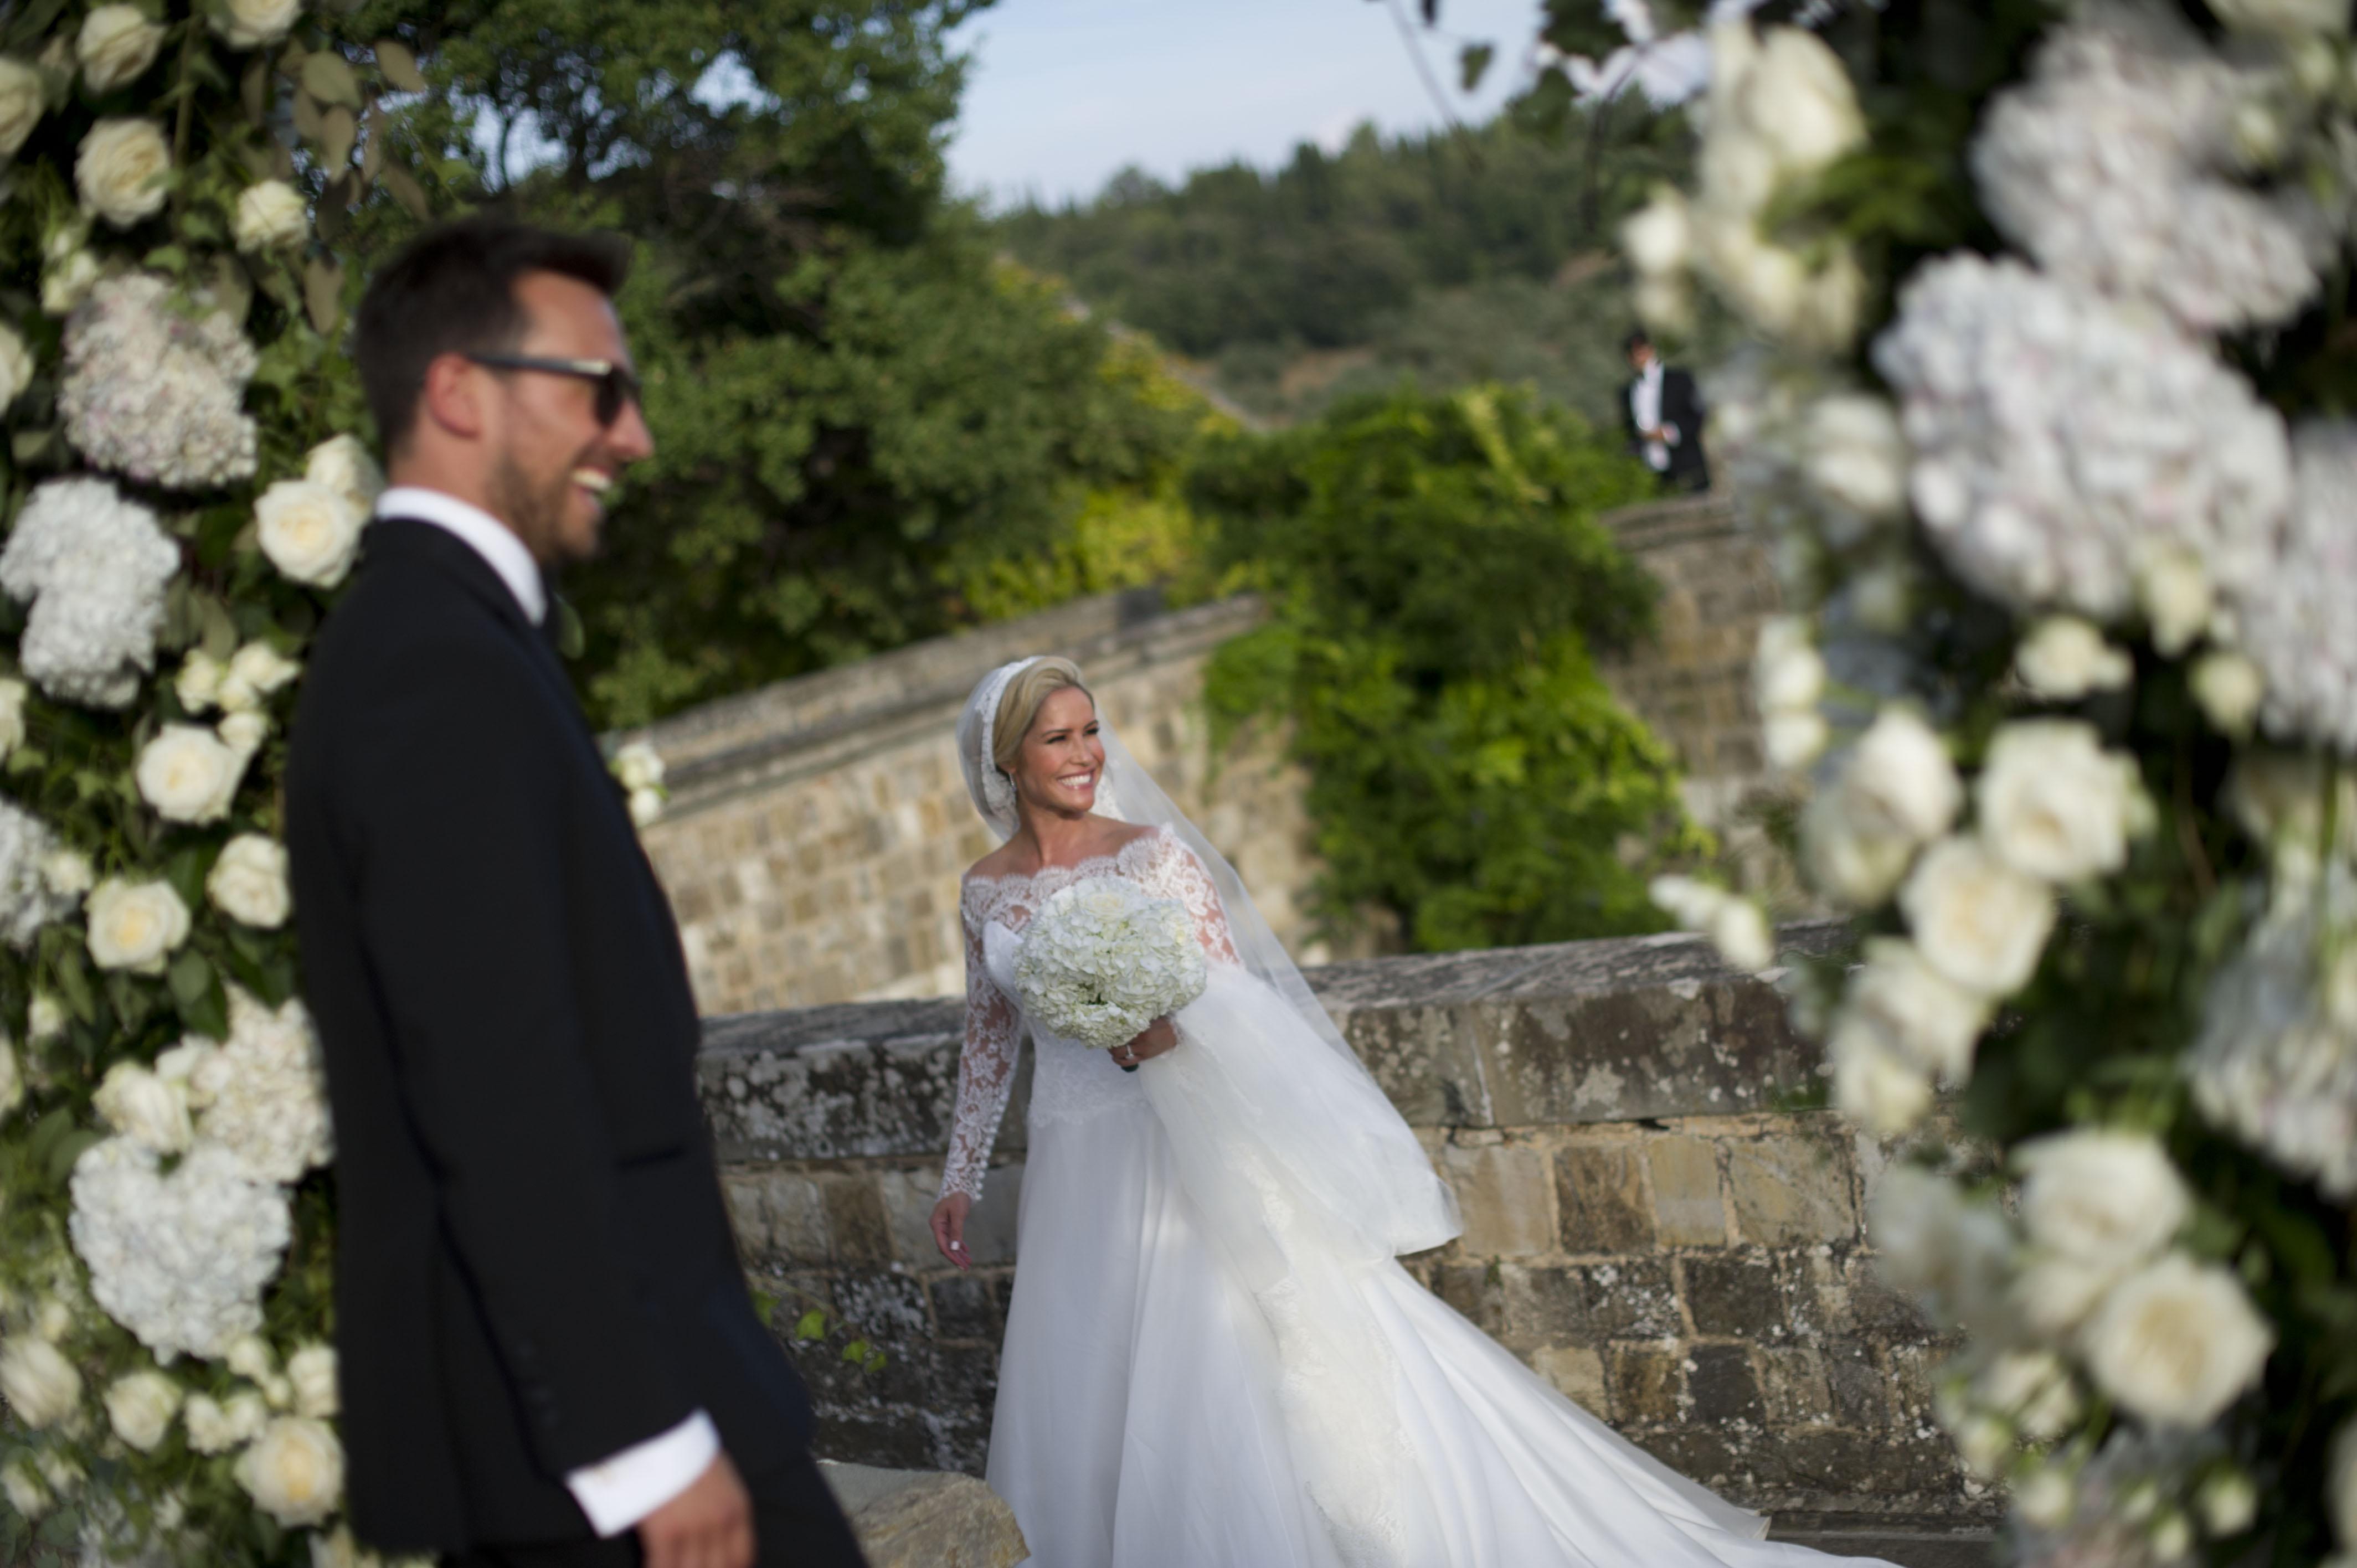 heidi-range-suzanne-neville-wedding-gown